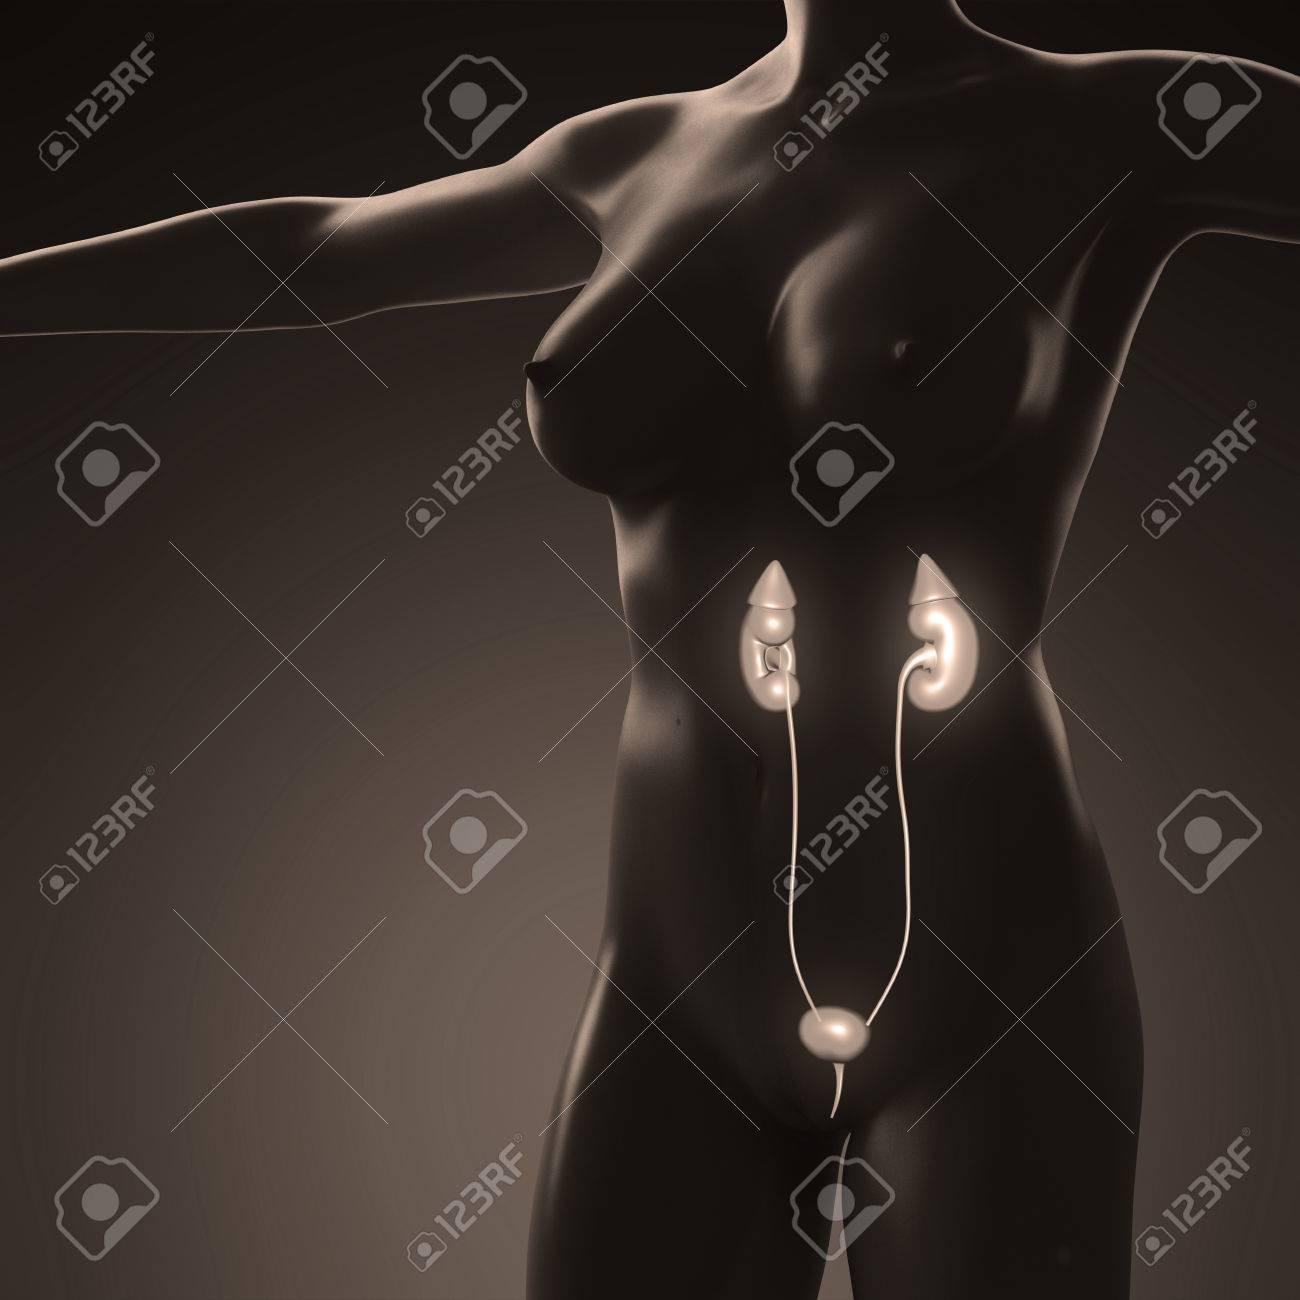 Anatomía Ciencia Del Cuerpo Humano Con El Riñón Resplandor Fotos ...